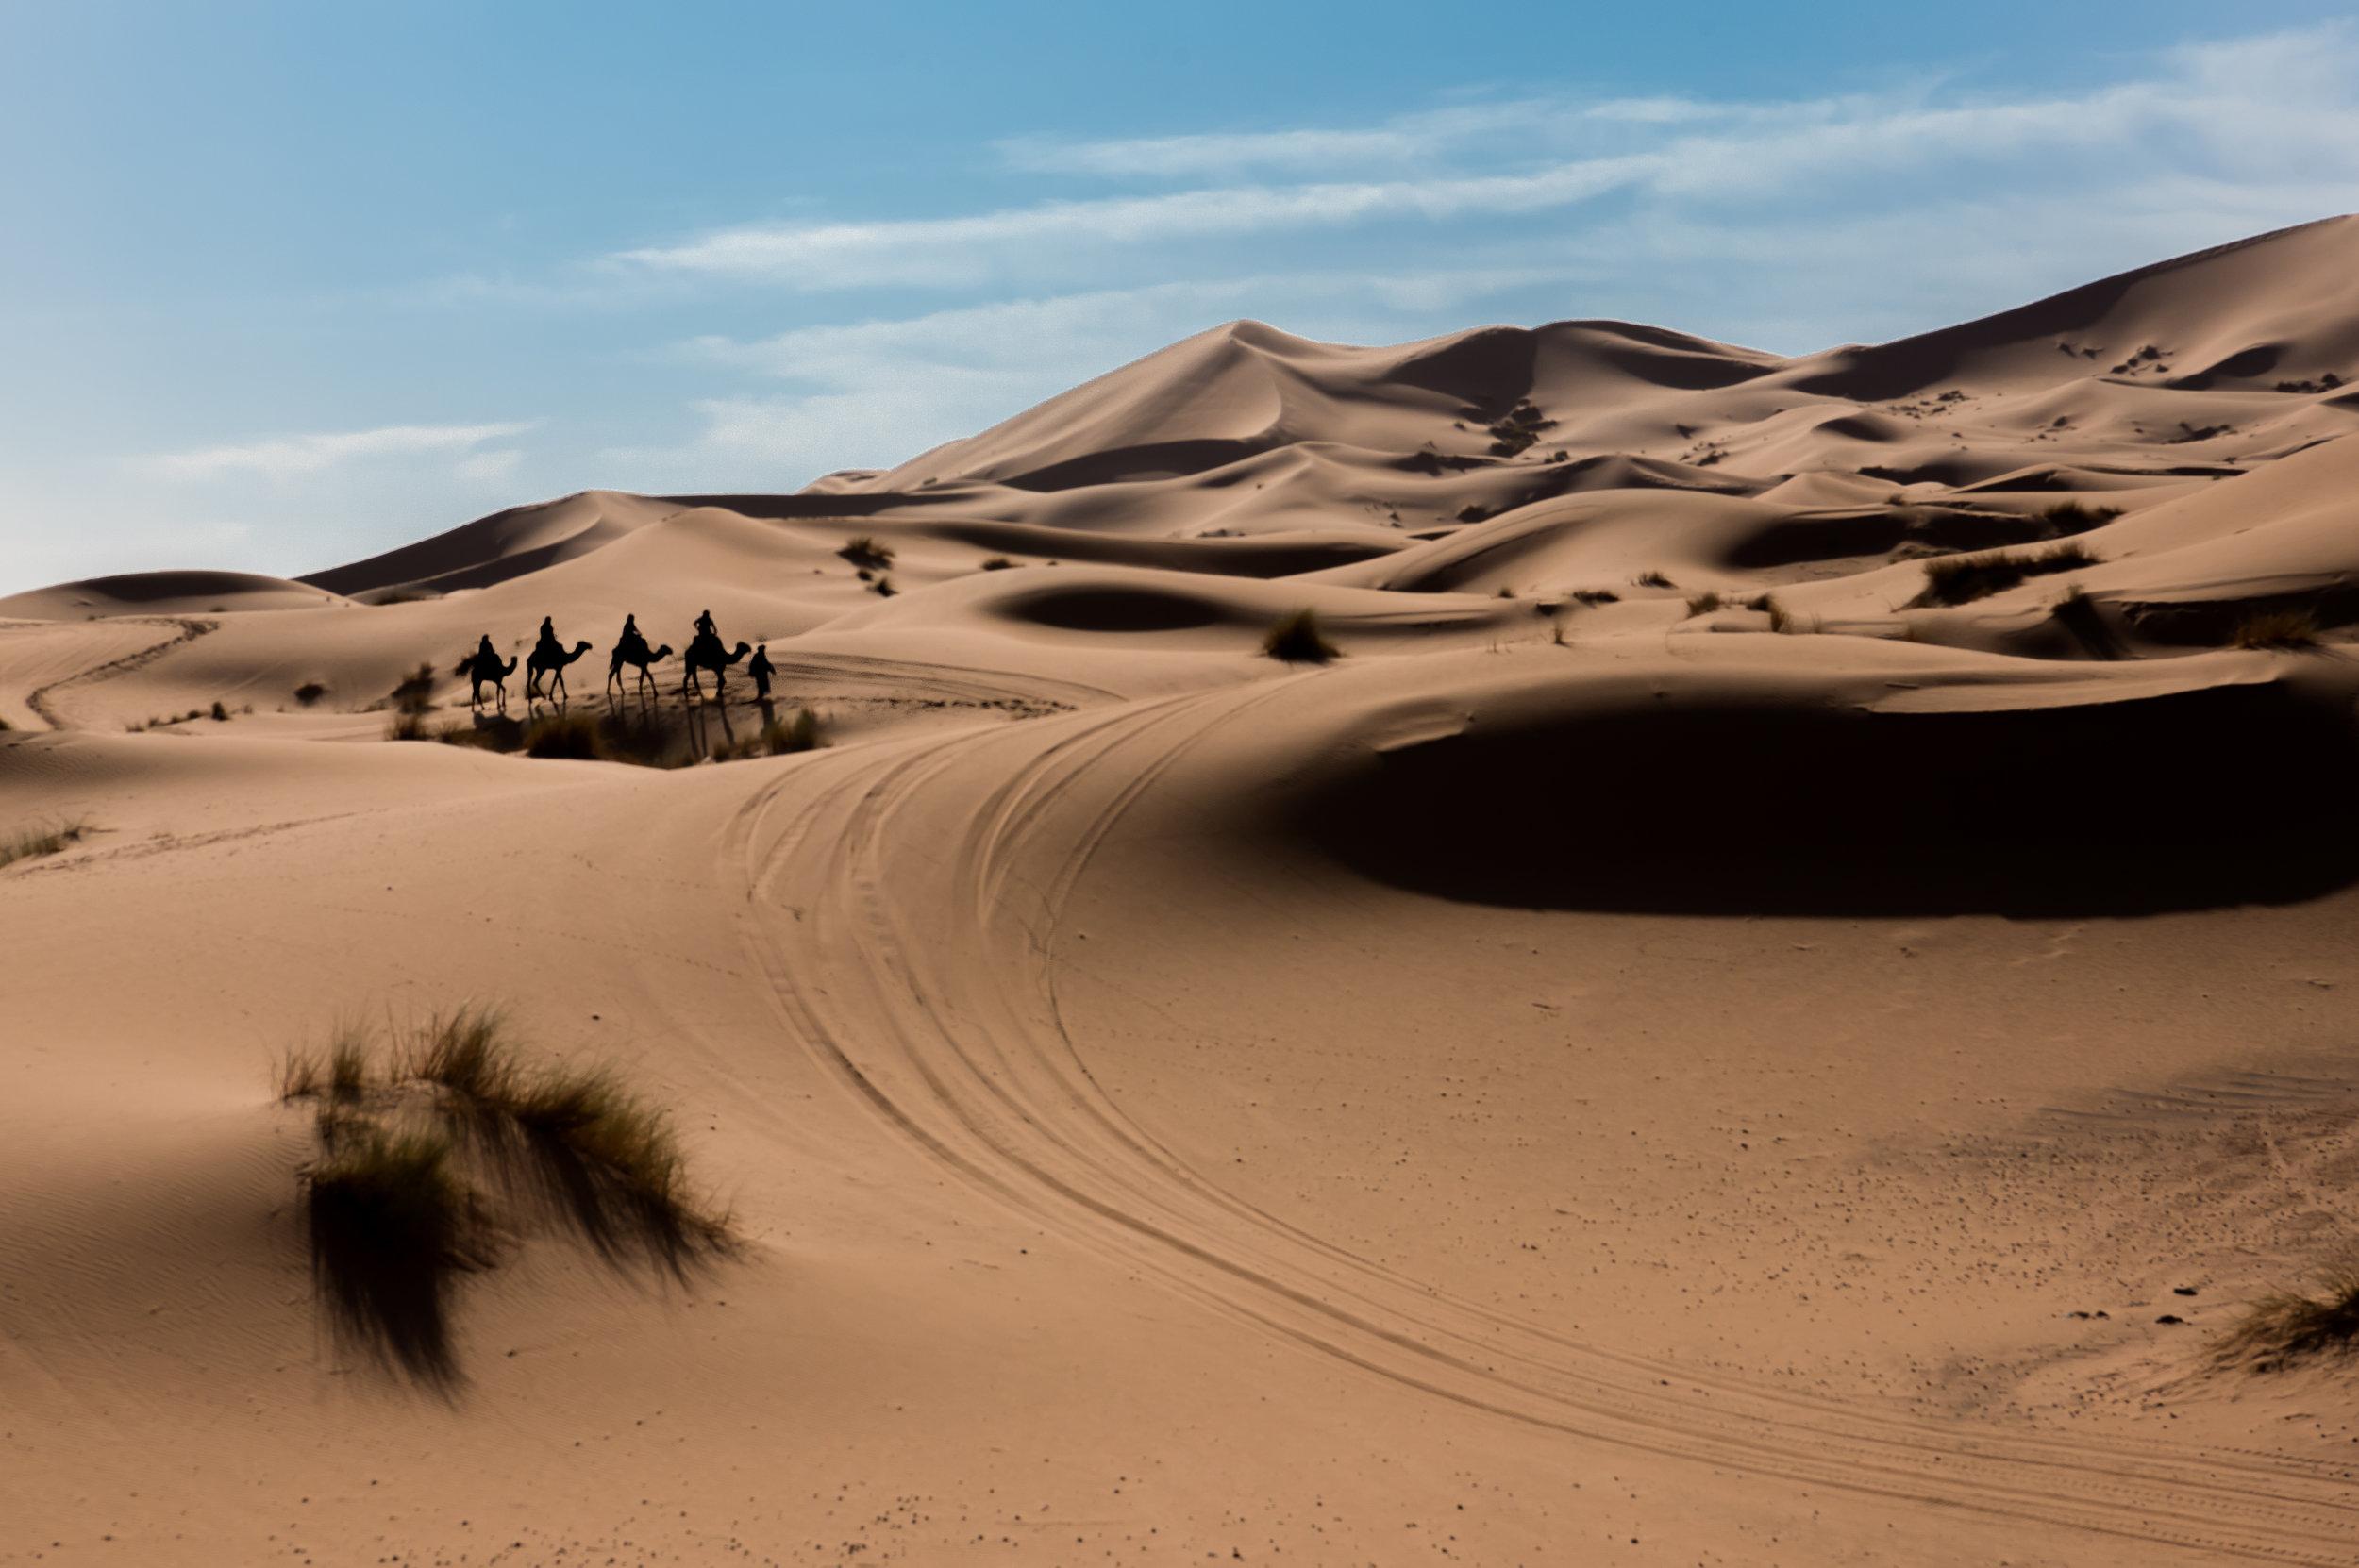 Desert Dunes - Erg Chebbi (Morocco)